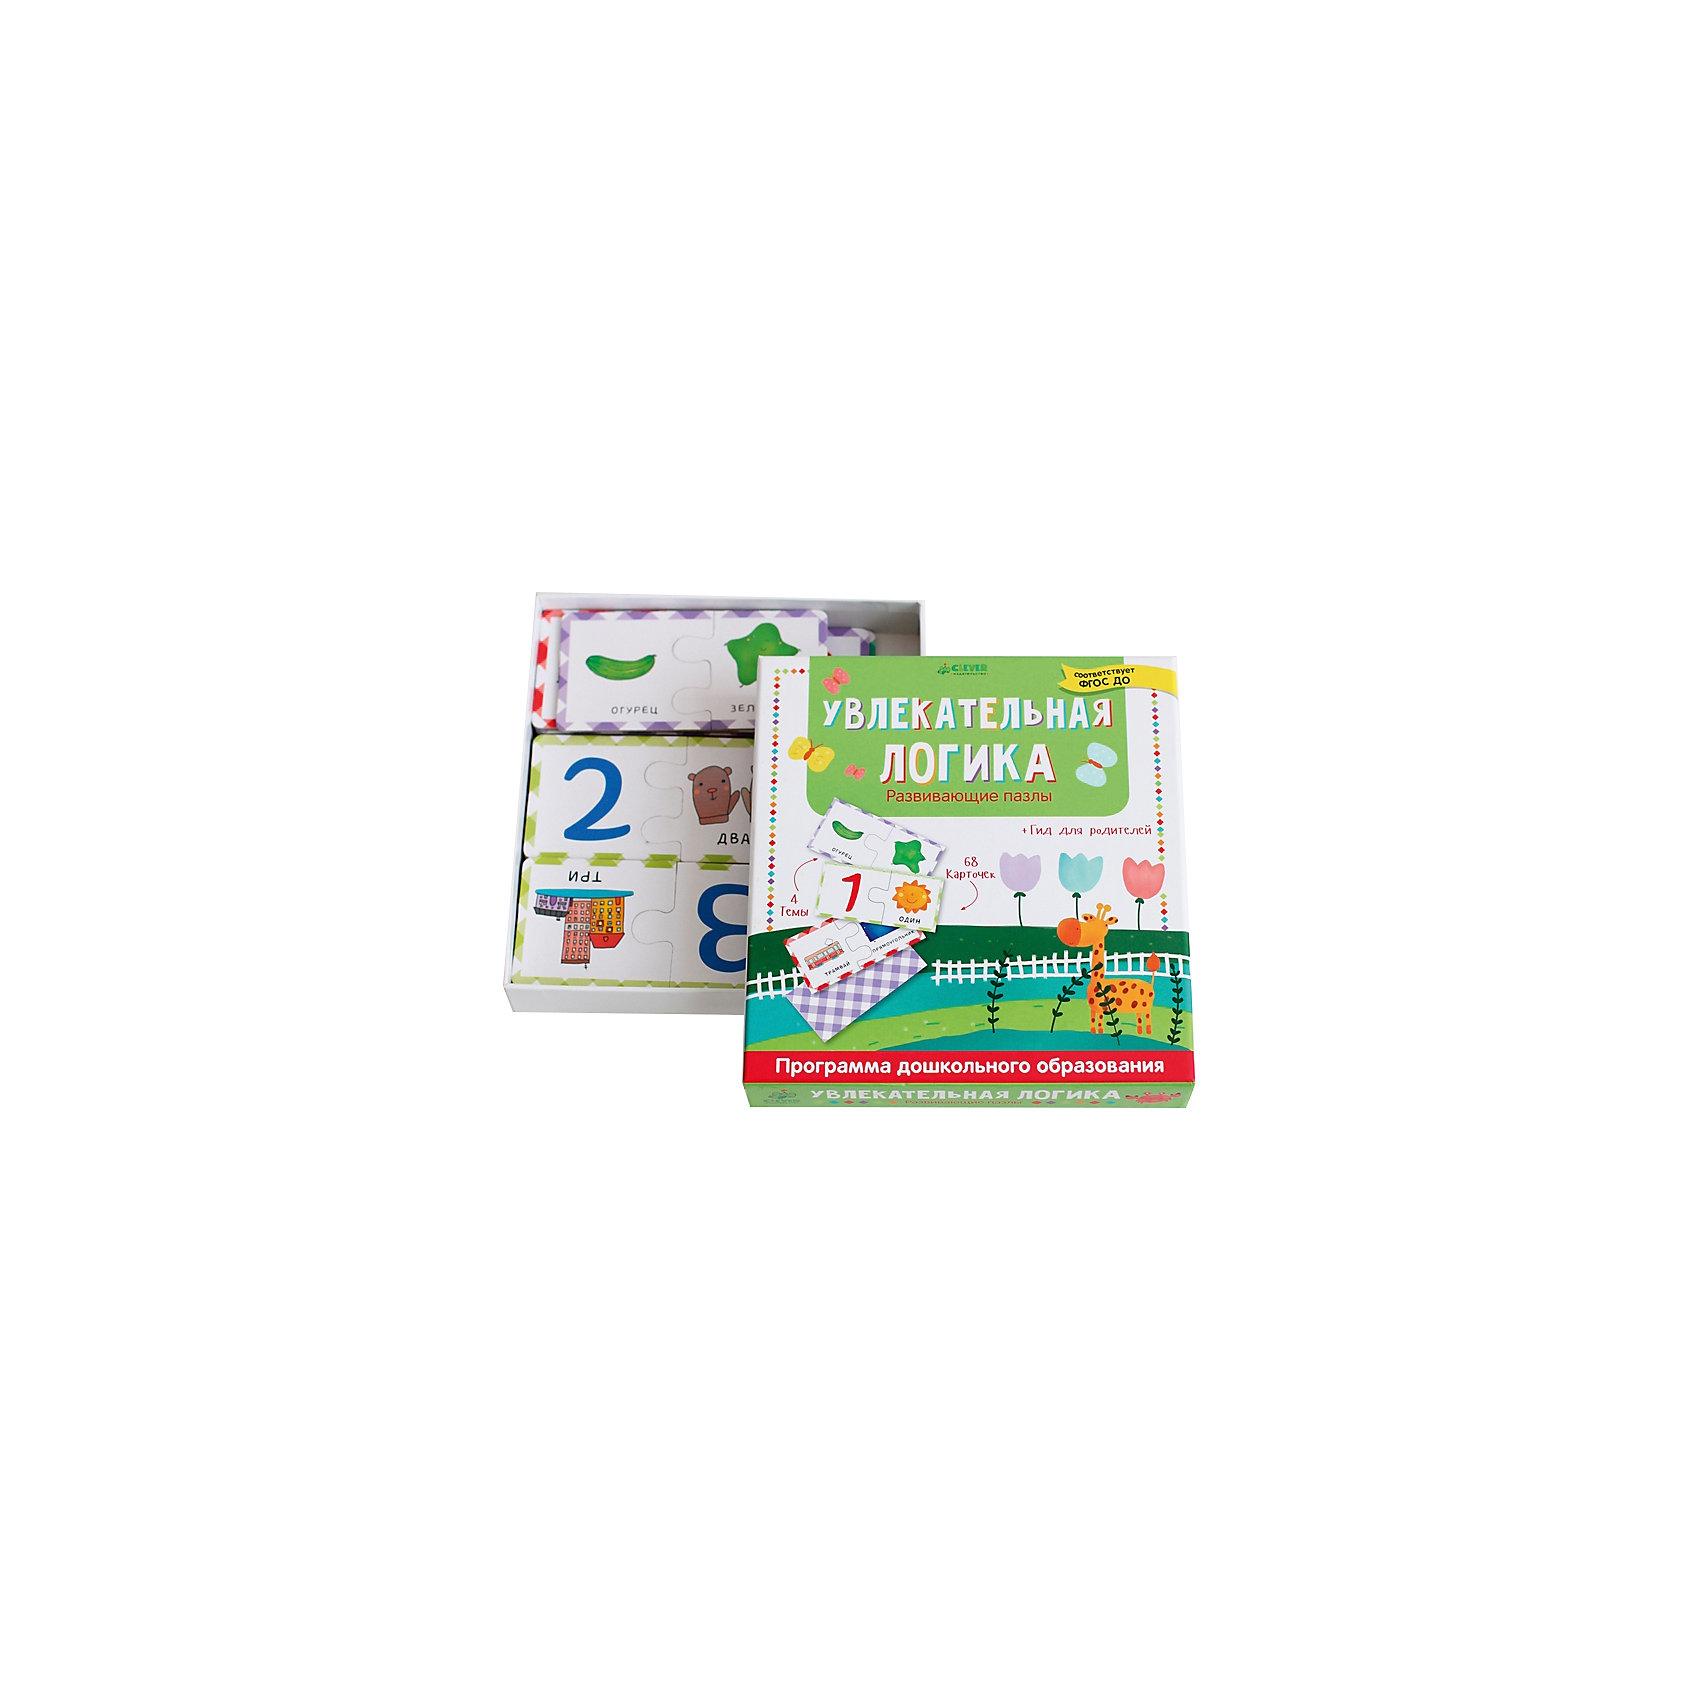 Развивающие пазлы Увлекательная логикаРазвивающие пазлы Увлекательная логика в форме веселей и увлекательной игры помогут Вашему ребенку легко и быстро освоить четыре важные темы: счет в пределах 10, формы, цвета и противоположности. В комплекте Вы найдете 68 карточек с красочными картинками различных предметов, животных, растений и геометрических фигур, каждая тема обозначена определенным цветом. В игру можно играть одному или в группе. Материалы игры можно использовать как для ознакомления детей с той или иной темой, так и для проверки знаний. Комплект Увлекательная логика способствует развитию наглядно-образного, ассоциативного и логического мышления, памяти, внимания, наблюдательности, связной речи, мелкой моторики и сенсорики. А также знакомит ребёнка с окружающим миром, обогащает словарный запас, развивает речь.<br><br>Дополнительная информация:<br><br>- Серия: Играем и учимся.  <br>- Художник: Мария Сергеева.<br>- Упаковка: картонная коробка.<br>- Иллюстрации: цветные.<br>- Размер упаковки: 22,5 x 21 x 4 см.<br>- Вес: 0,716 кг. <br><br>Развивающие пазлы Увлекательная логика, Клевер Медиа Групп, можно купить в нашем интернет-магазине.<br><br>Ширина мм: 210<br>Глубина мм: 230<br>Высота мм: 10<br>Вес г: 720<br>Возраст от месяцев: 48<br>Возраст до месяцев: 72<br>Пол: Унисекс<br>Возраст: Детский<br>SKU: 4544927